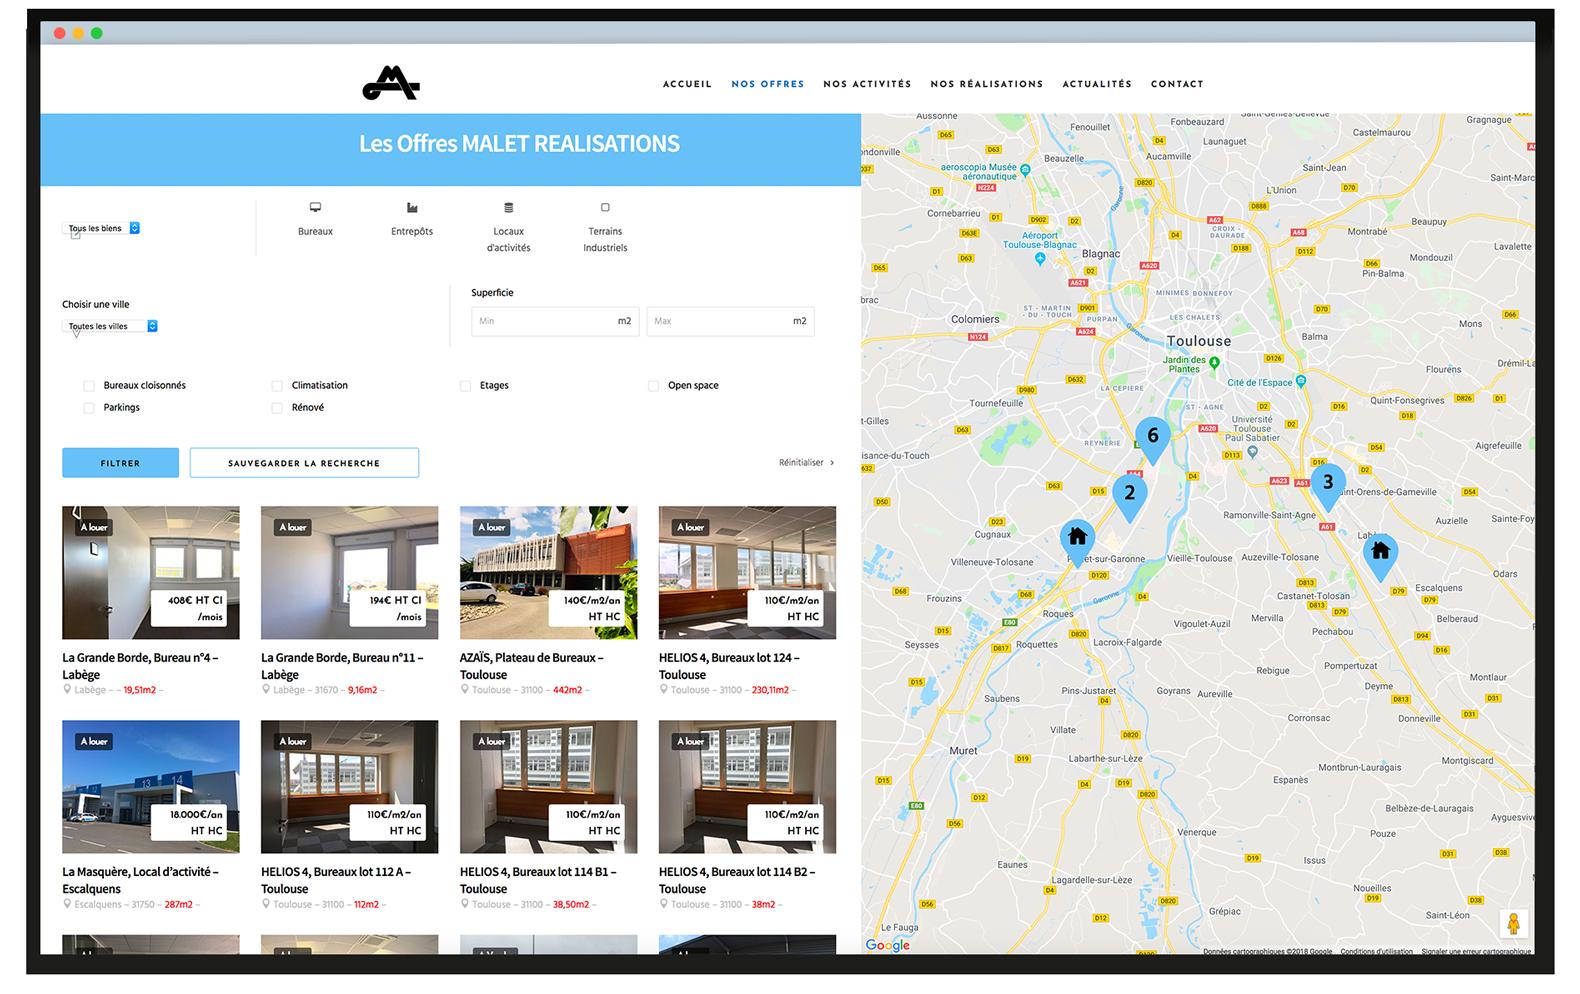 screen de la page offres de location du site avec en arrière-plan des dessins techniques de bâtiment